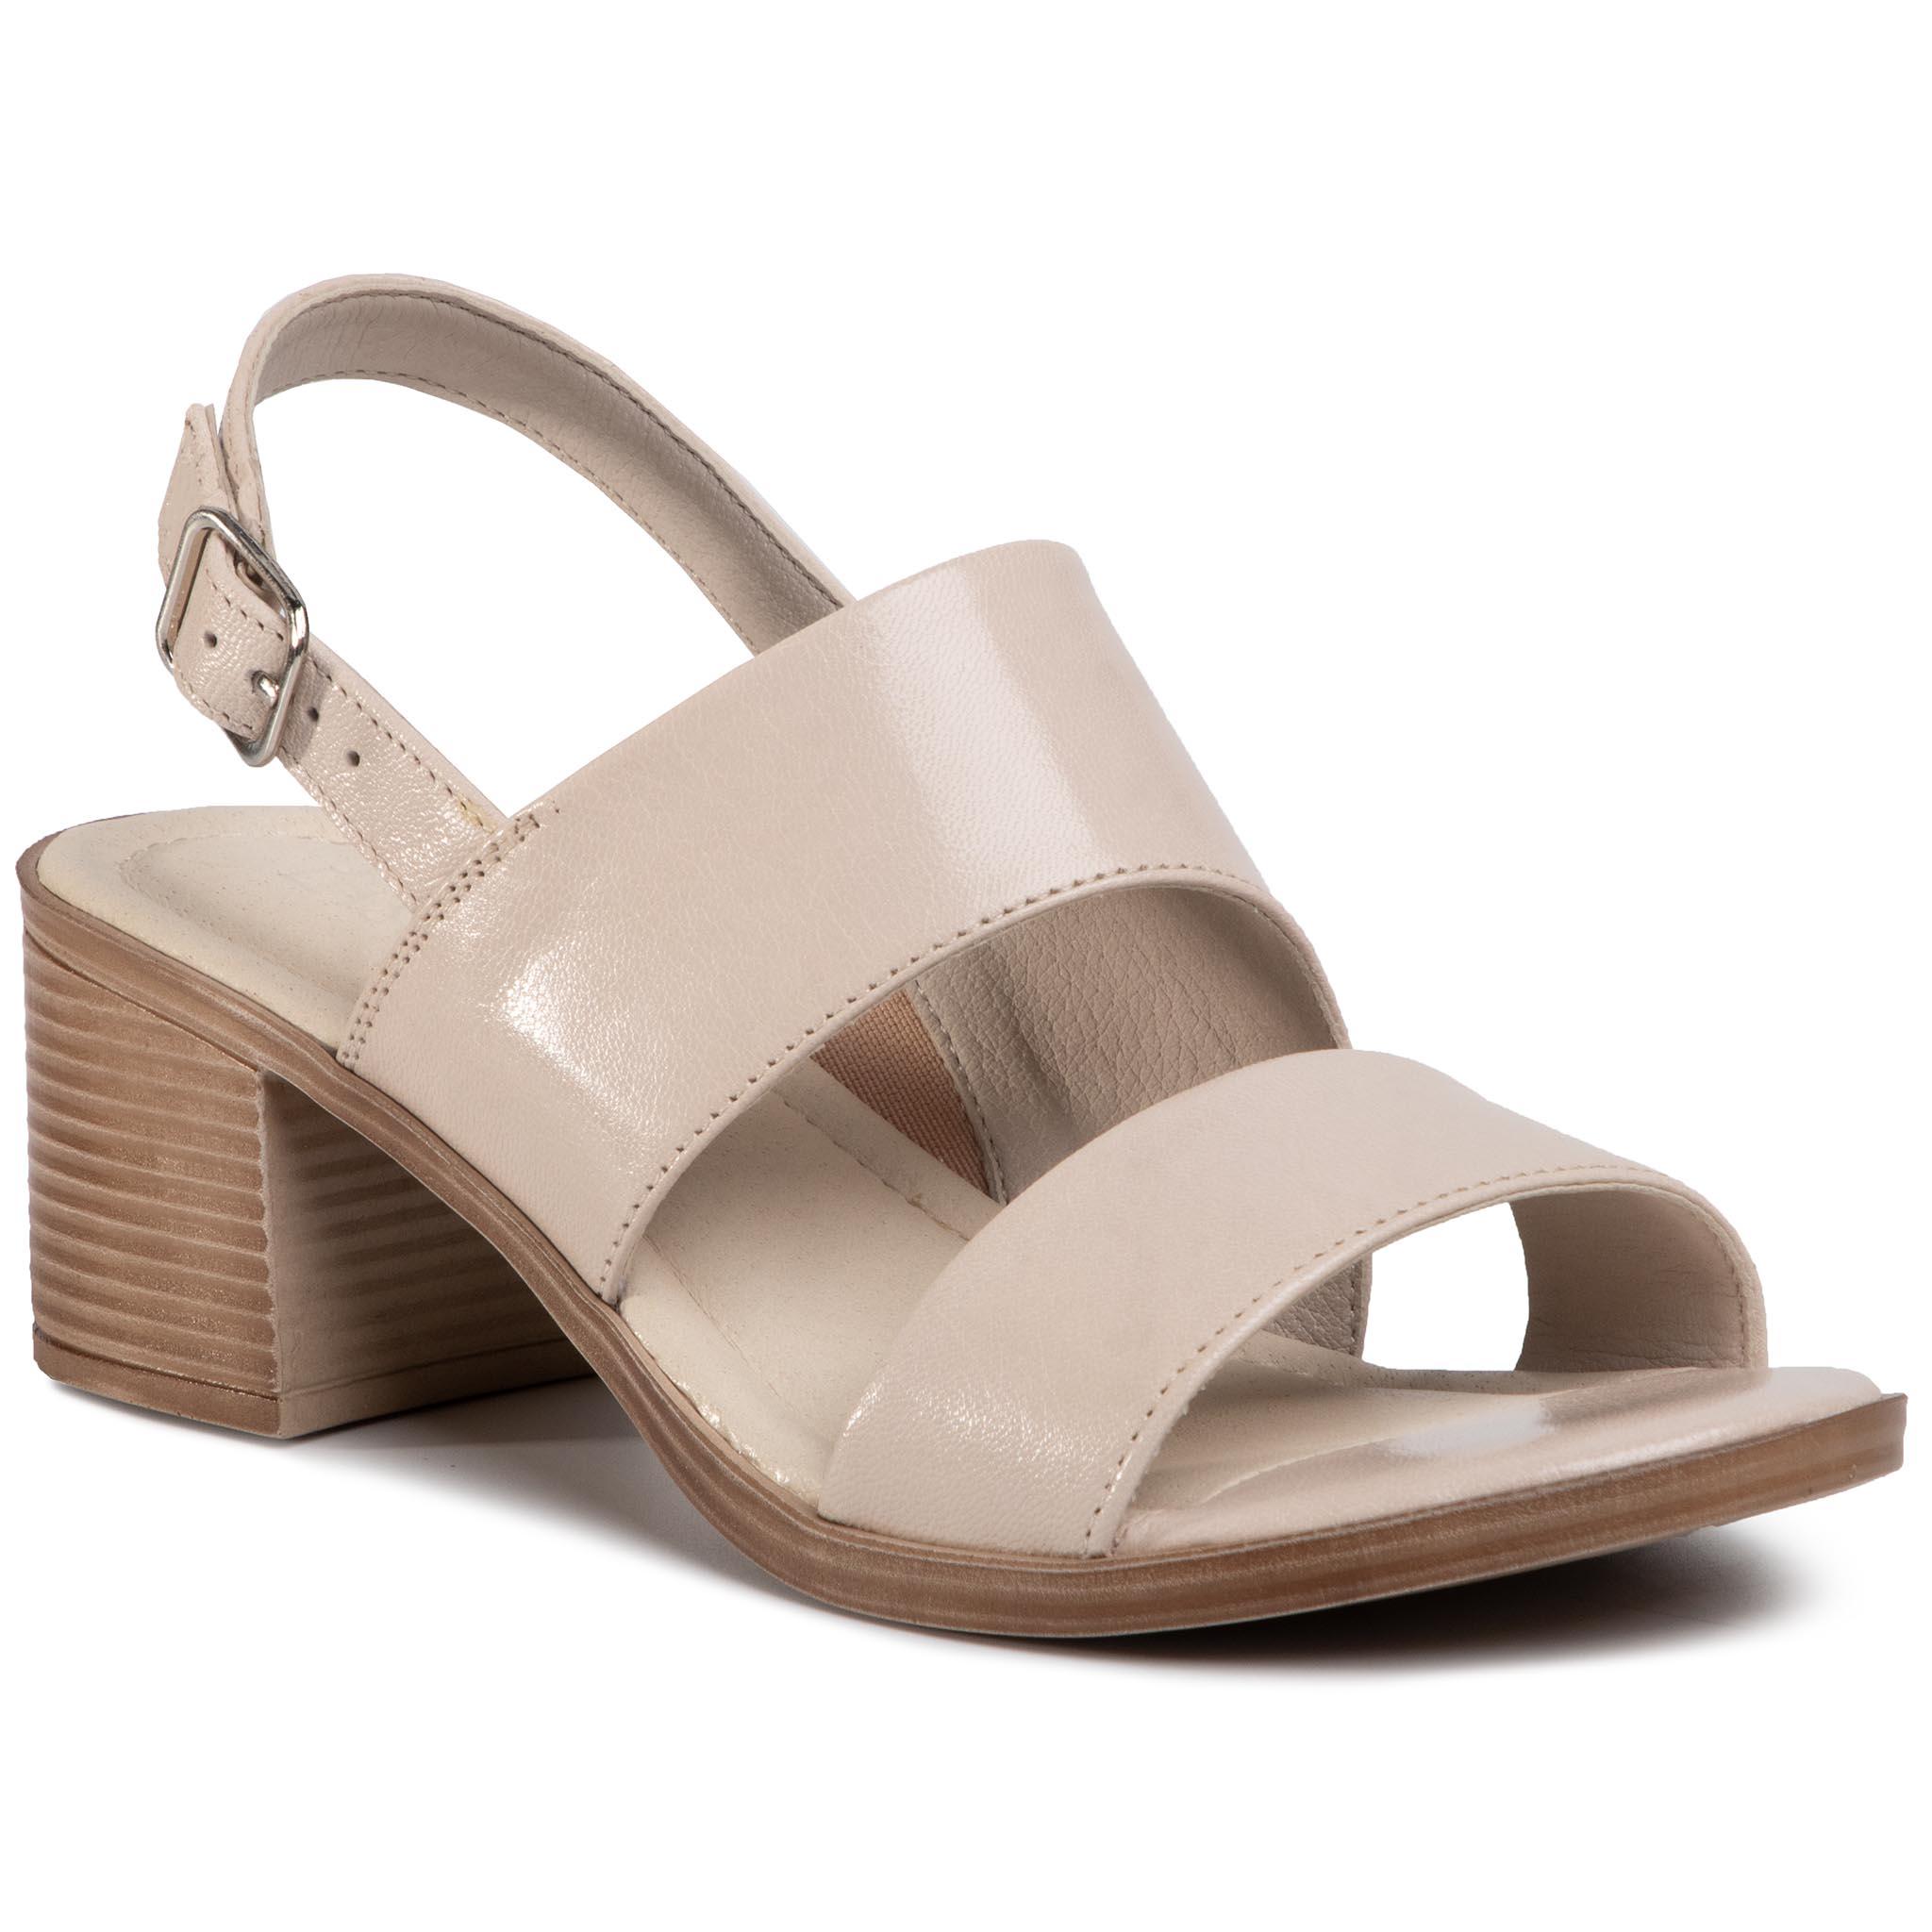 Sandále LASOCKI - 4859-02 Beige